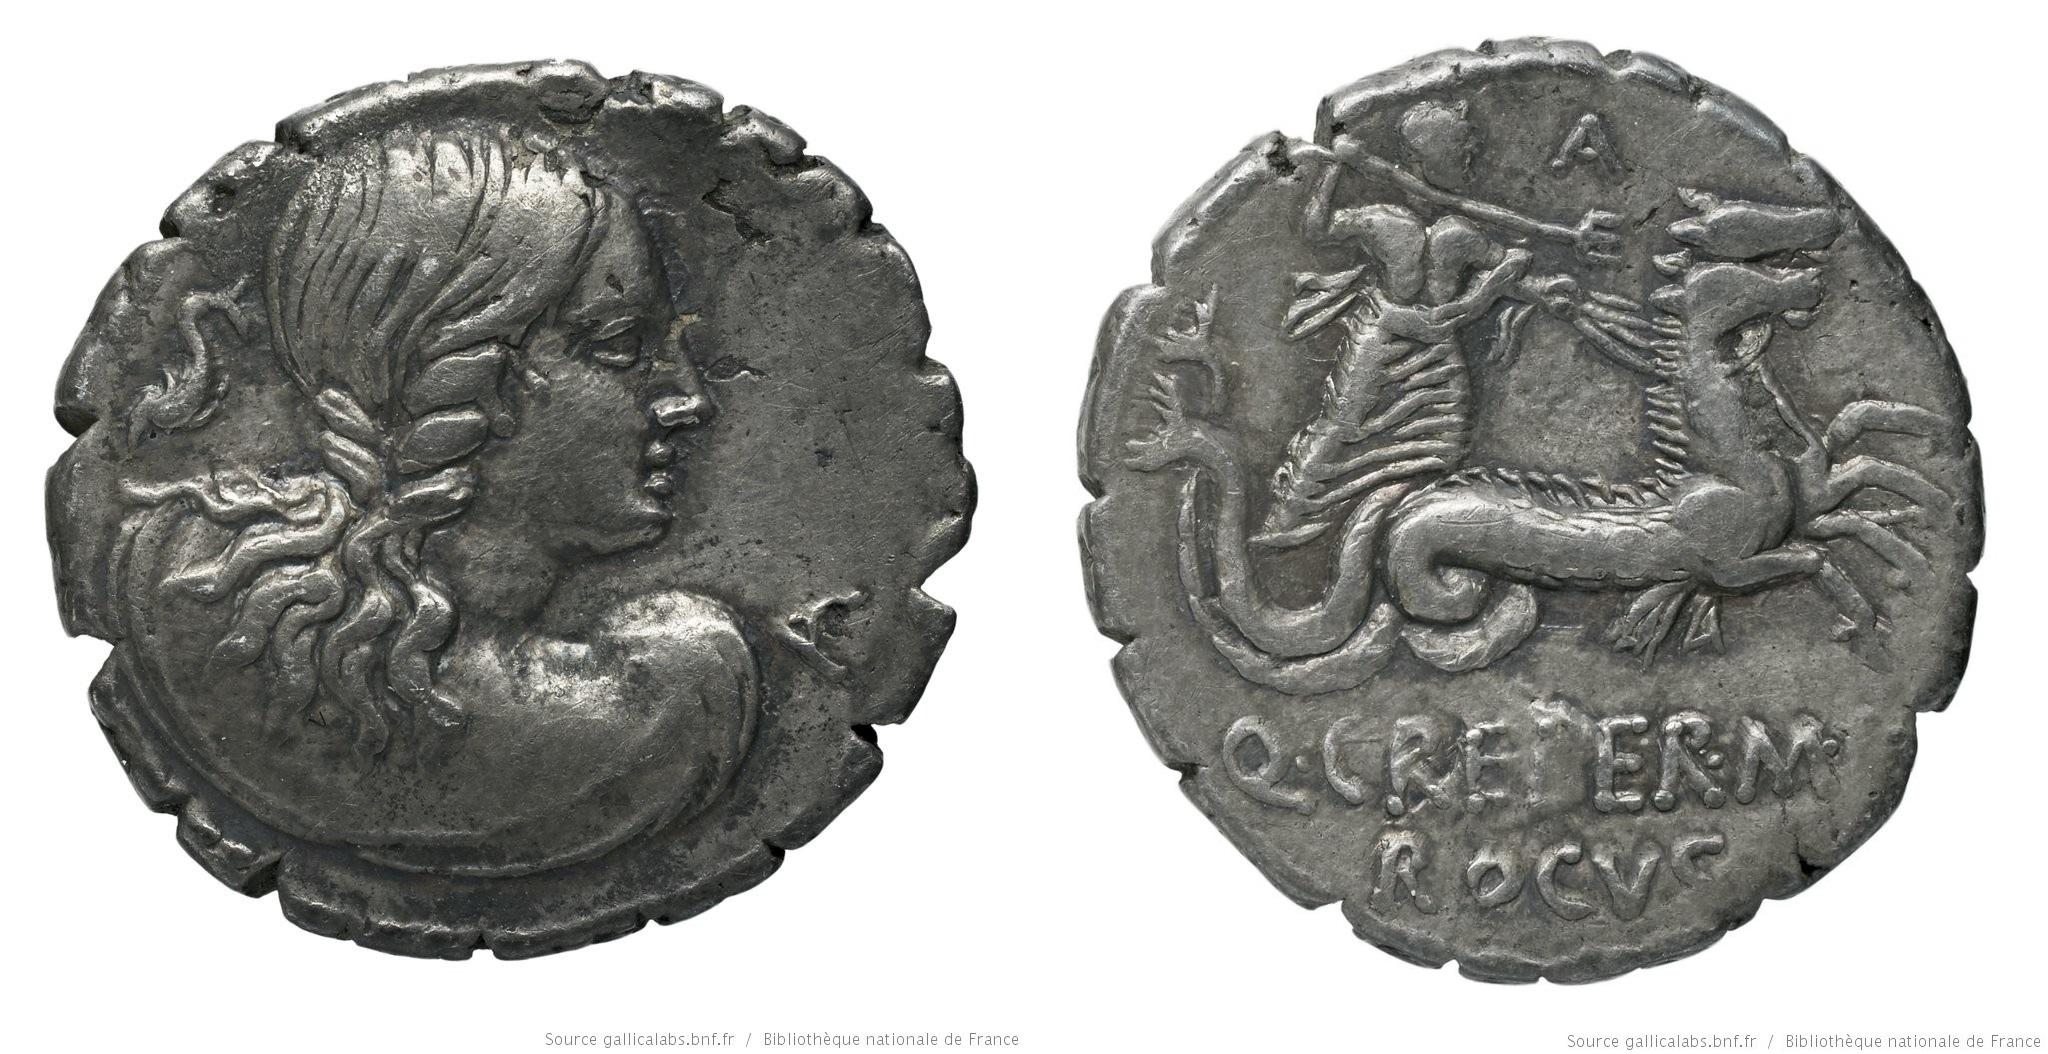 1342CR – Denier Serratus Creperia – Quintus Creperius Rucus